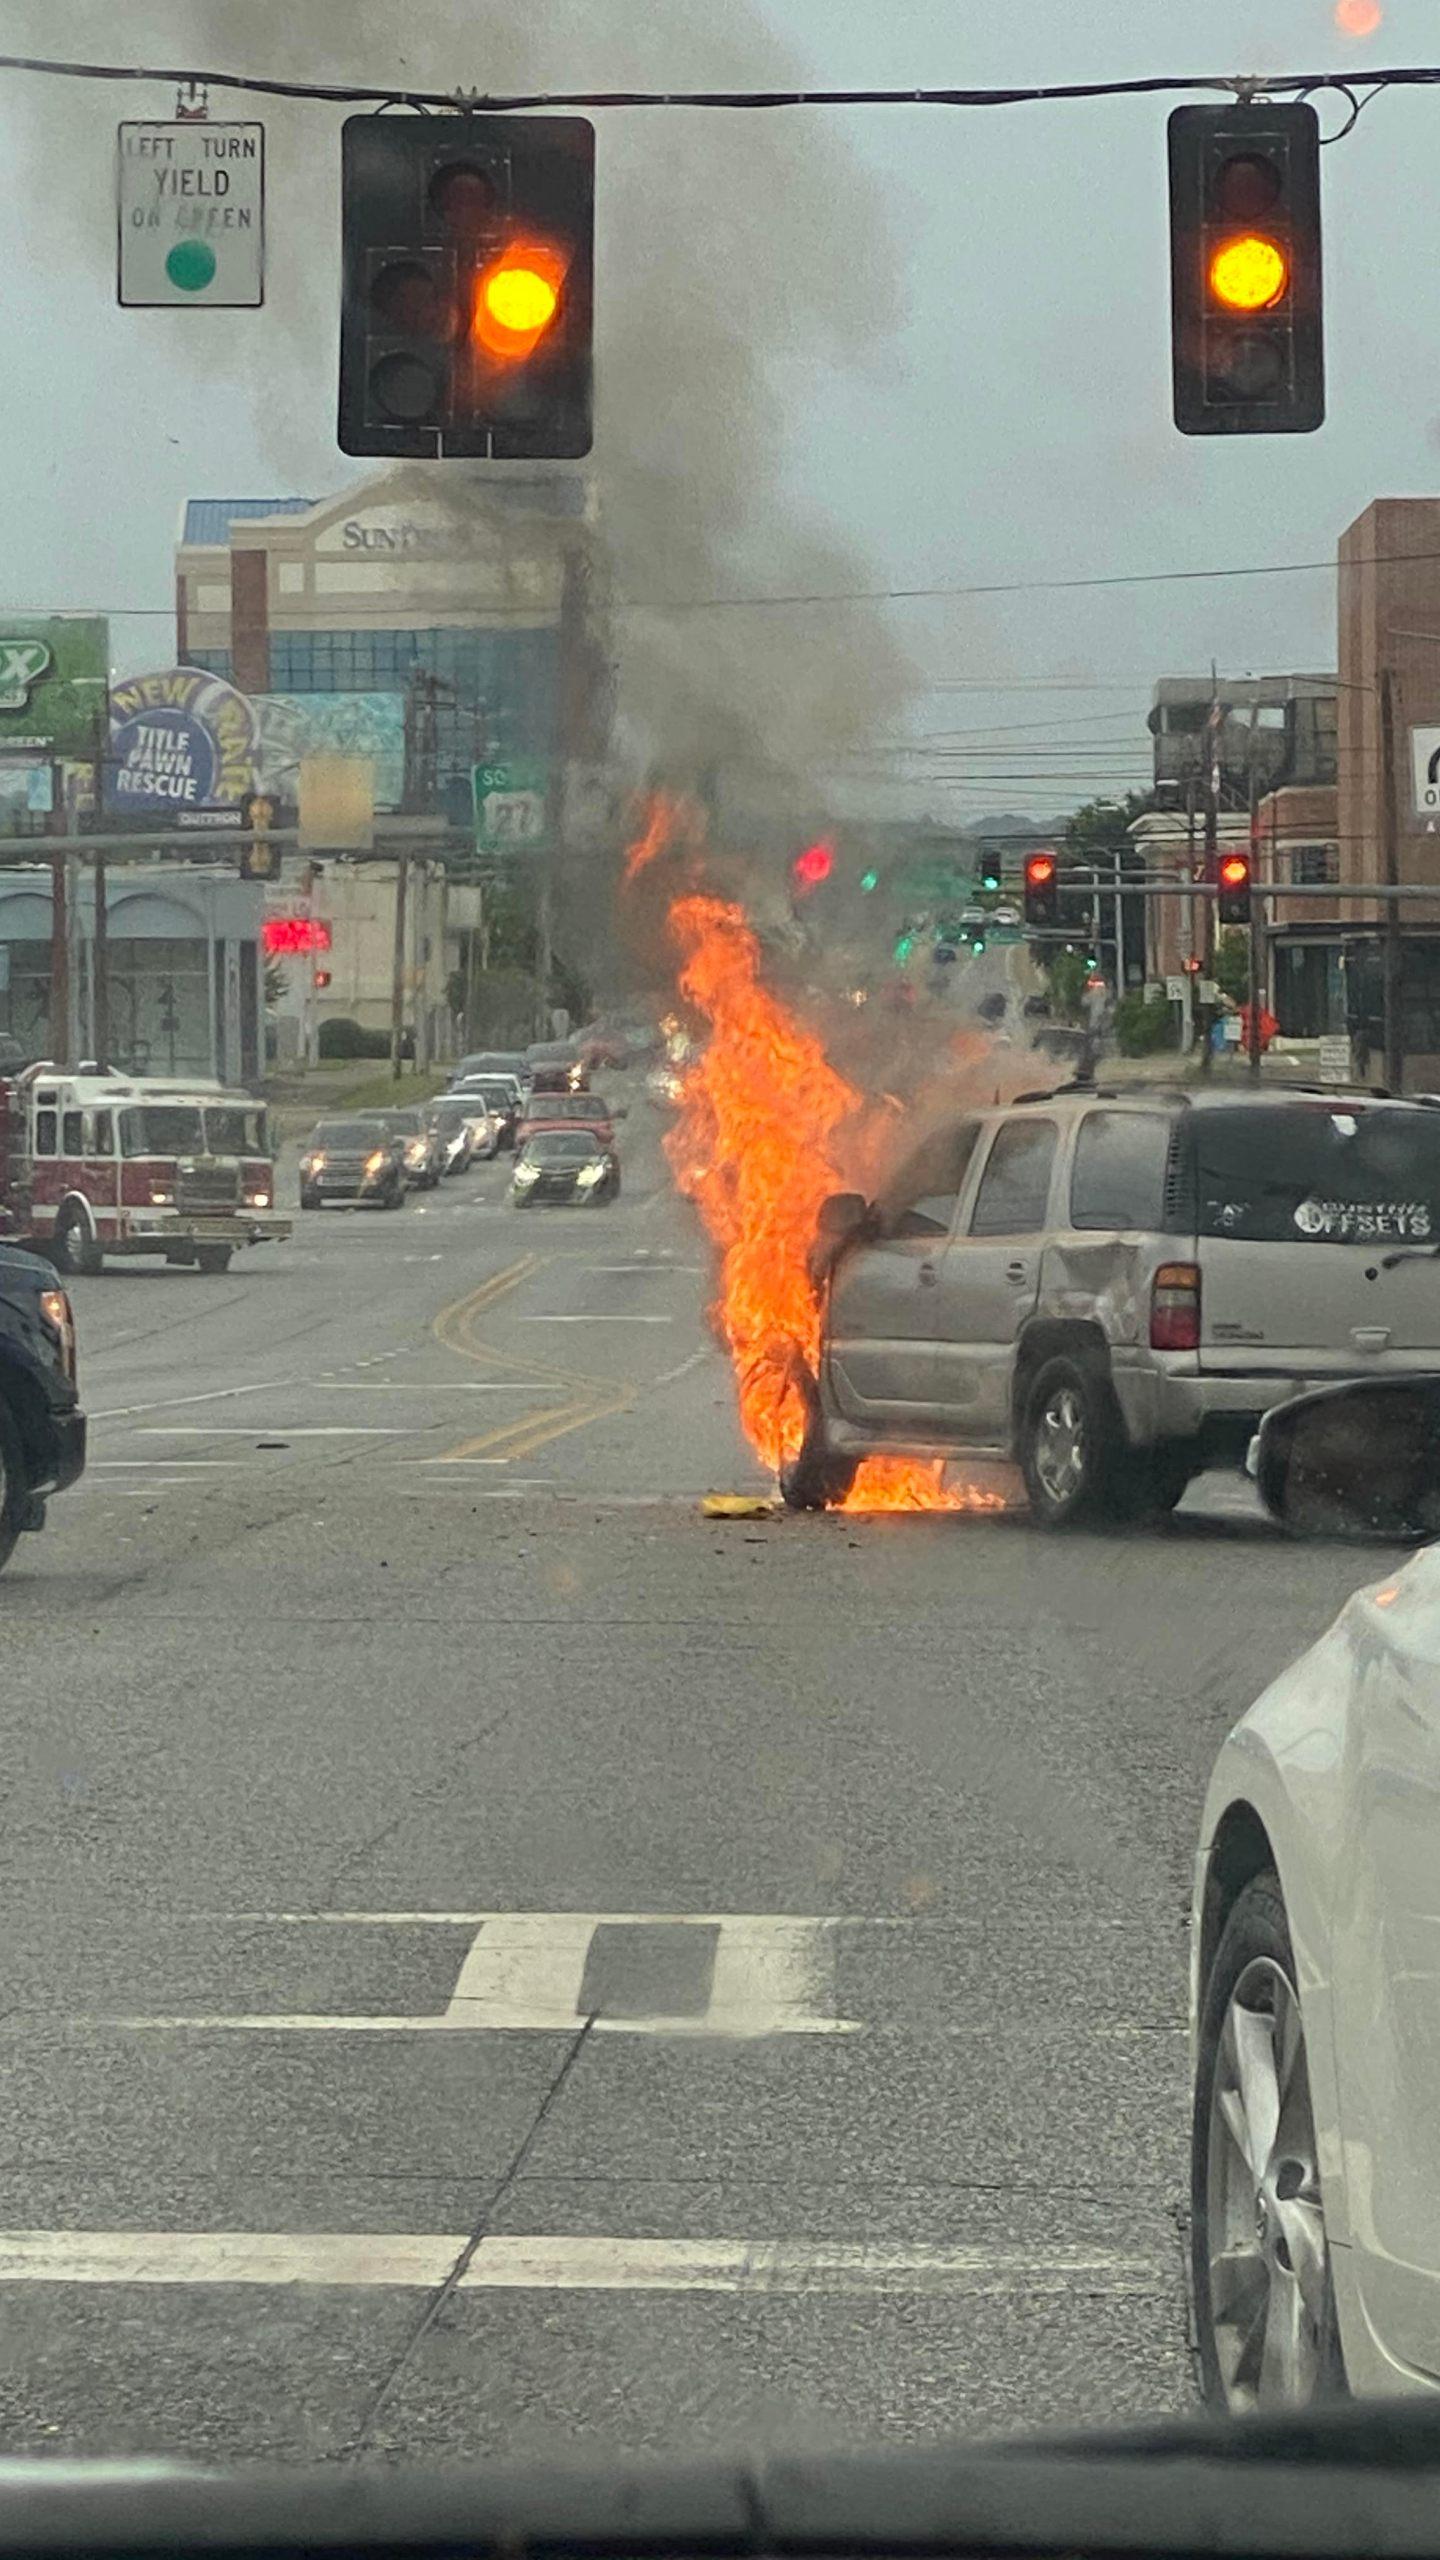 Car on fire on 13th street in Columbus, Georgia